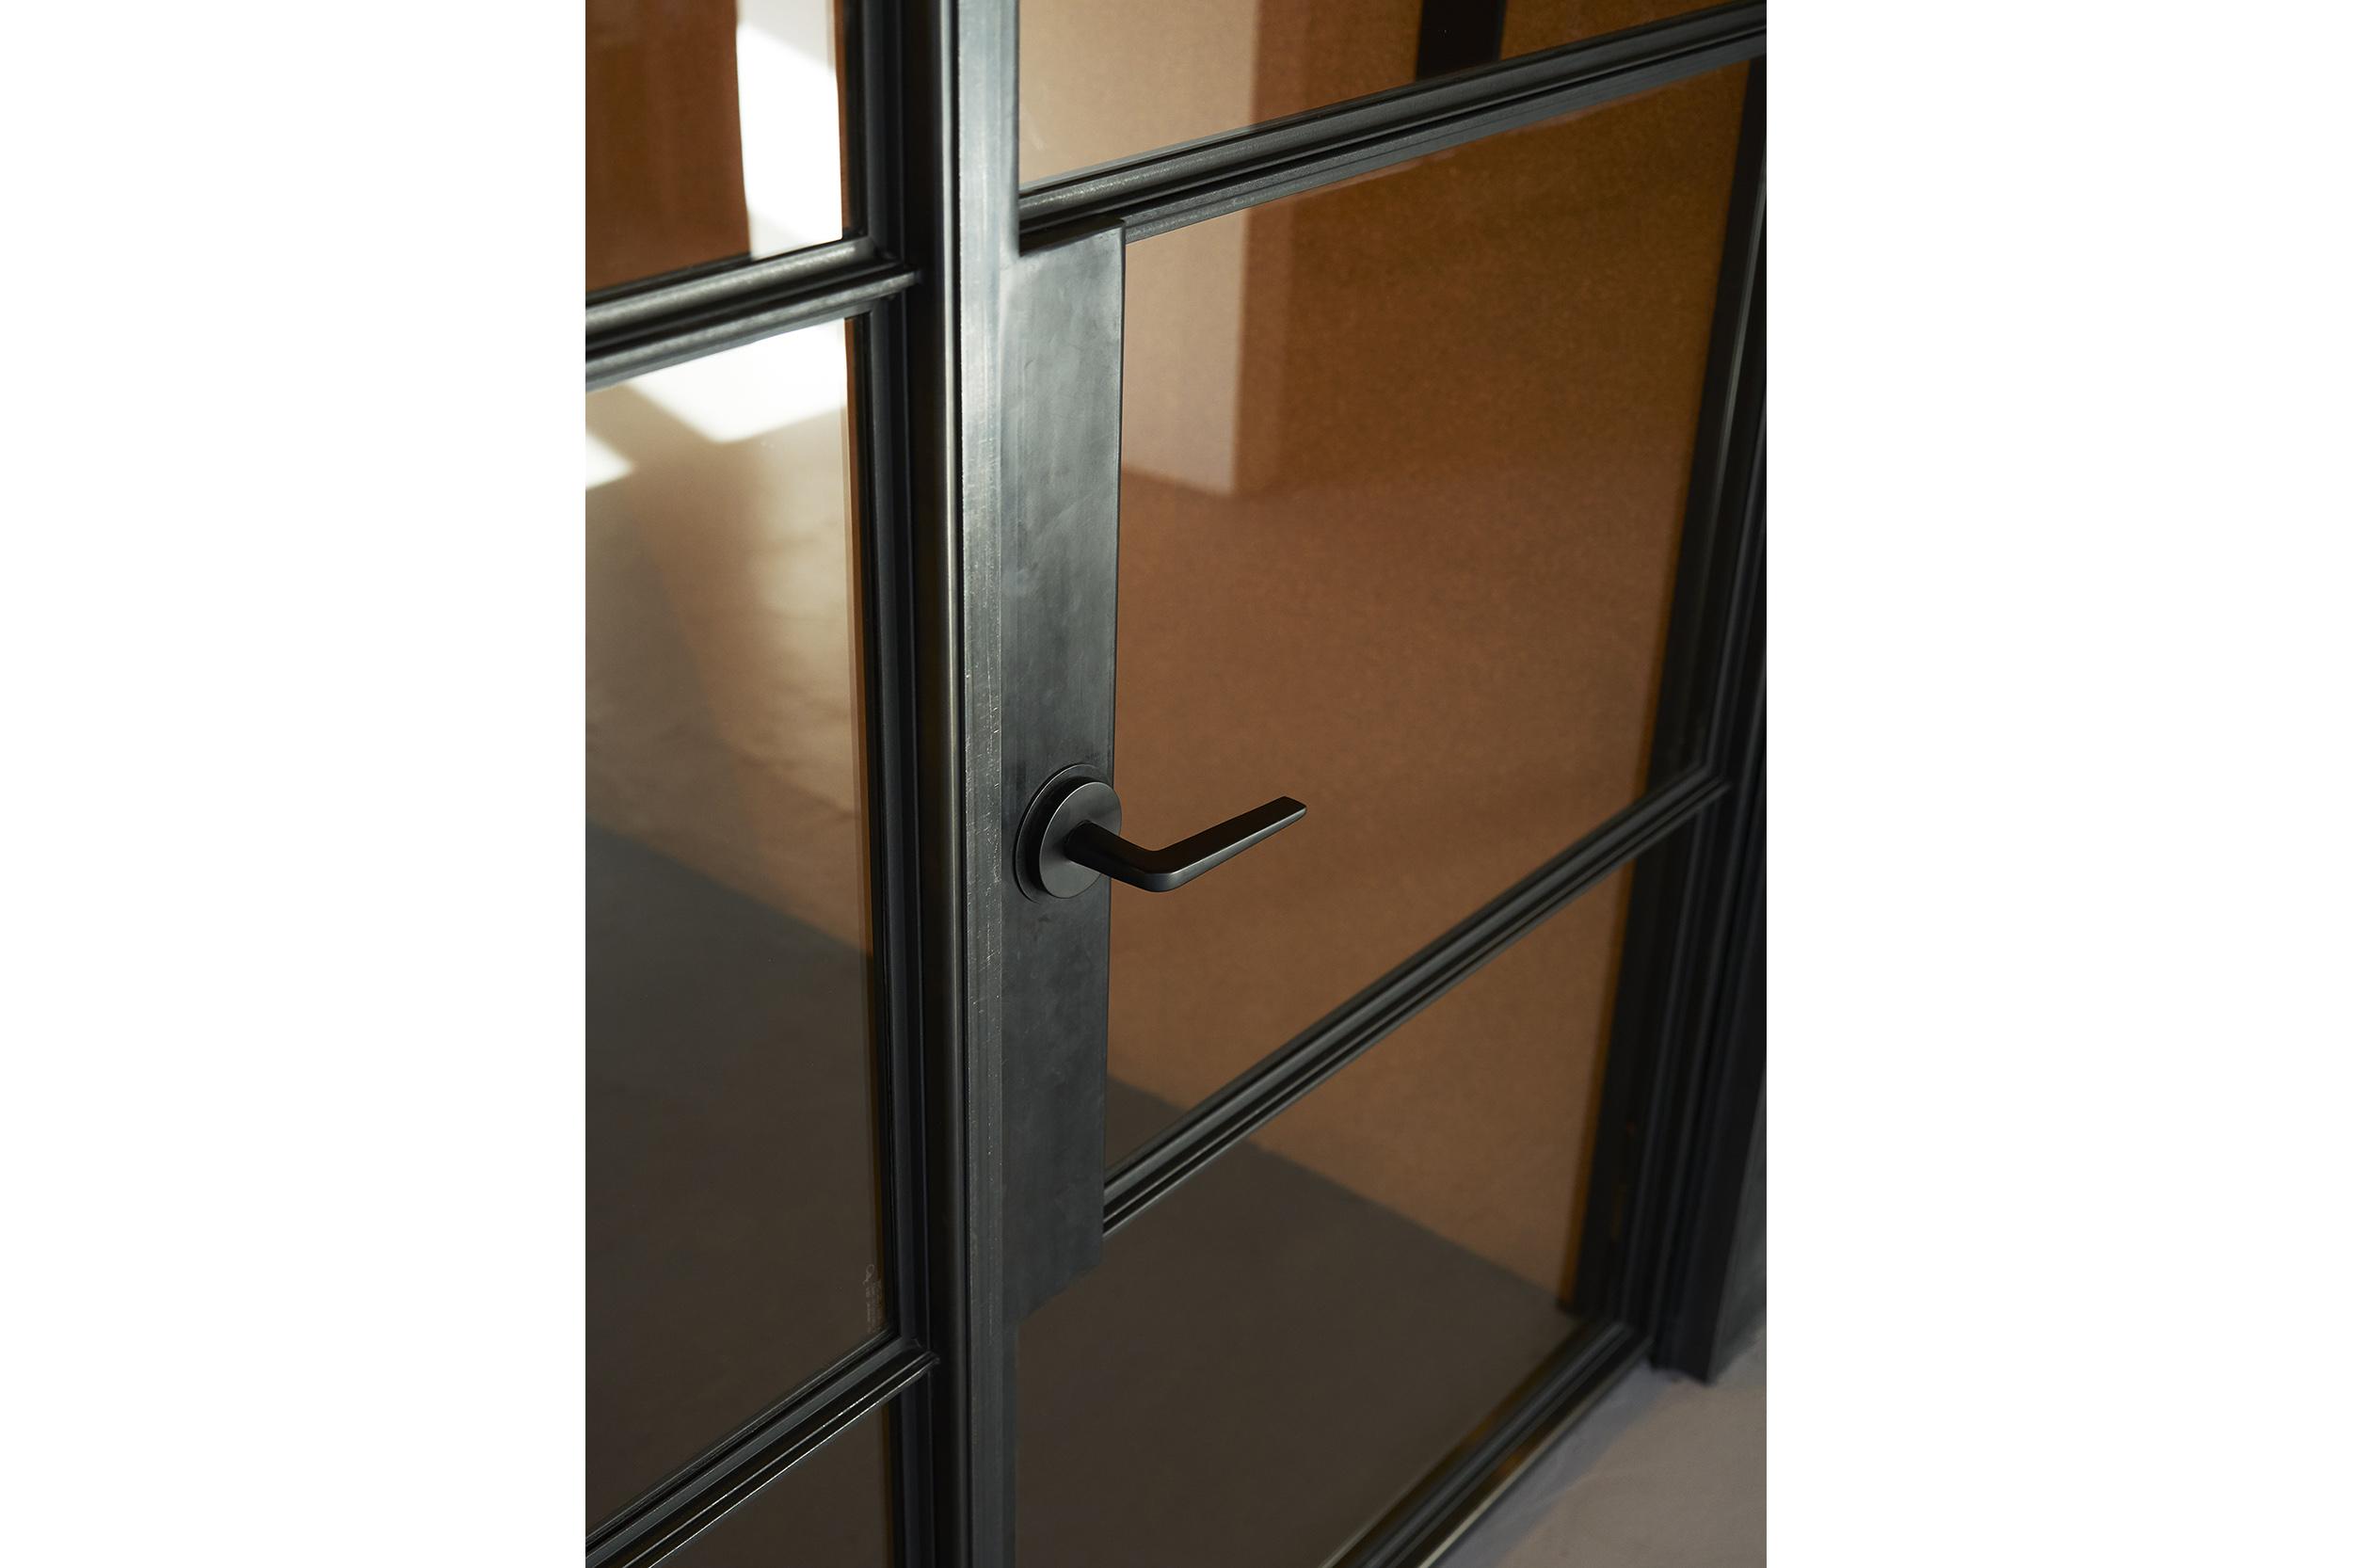 goCstudio_Substantial_door detail.jpg